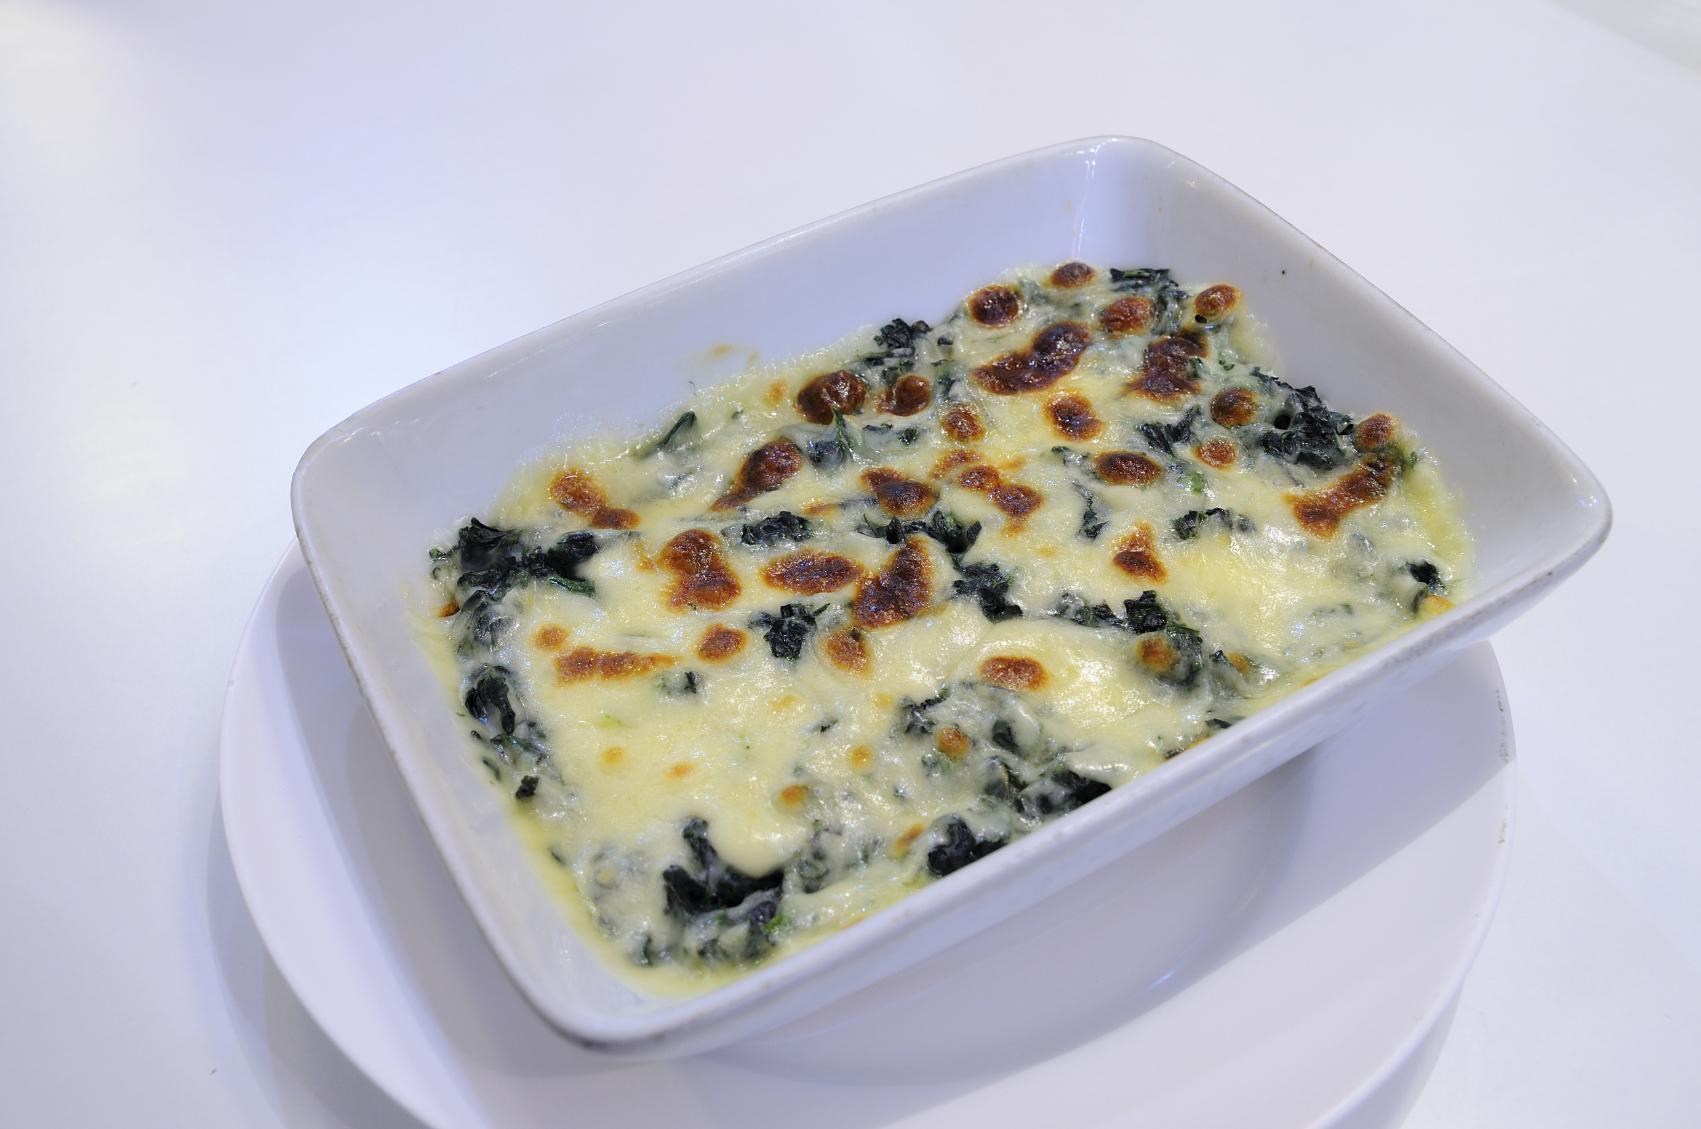 Gratinado de espinacas con huevo y salchichas